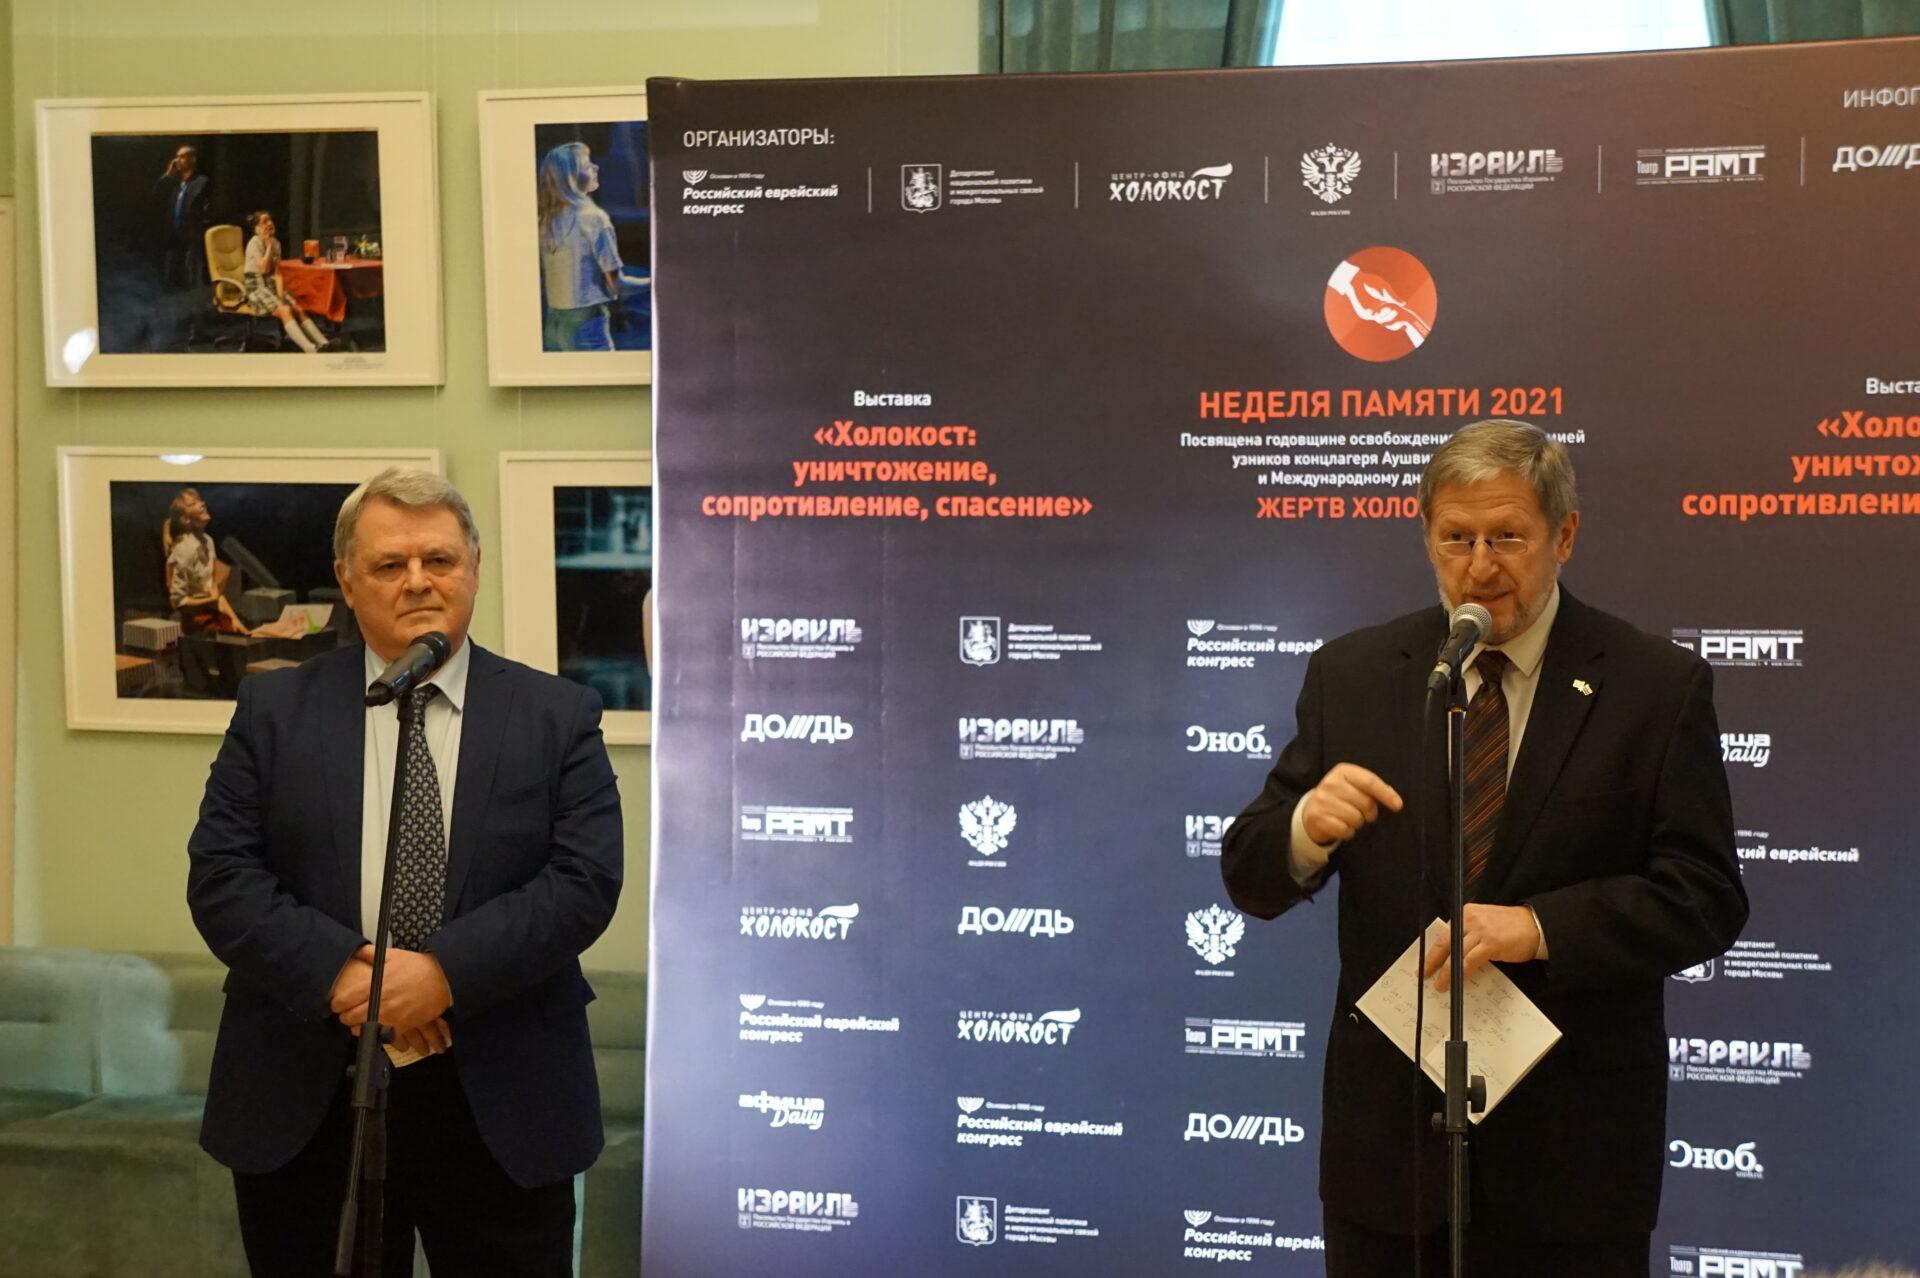 Открытие выставки Центра «Холокост» в РАМТ